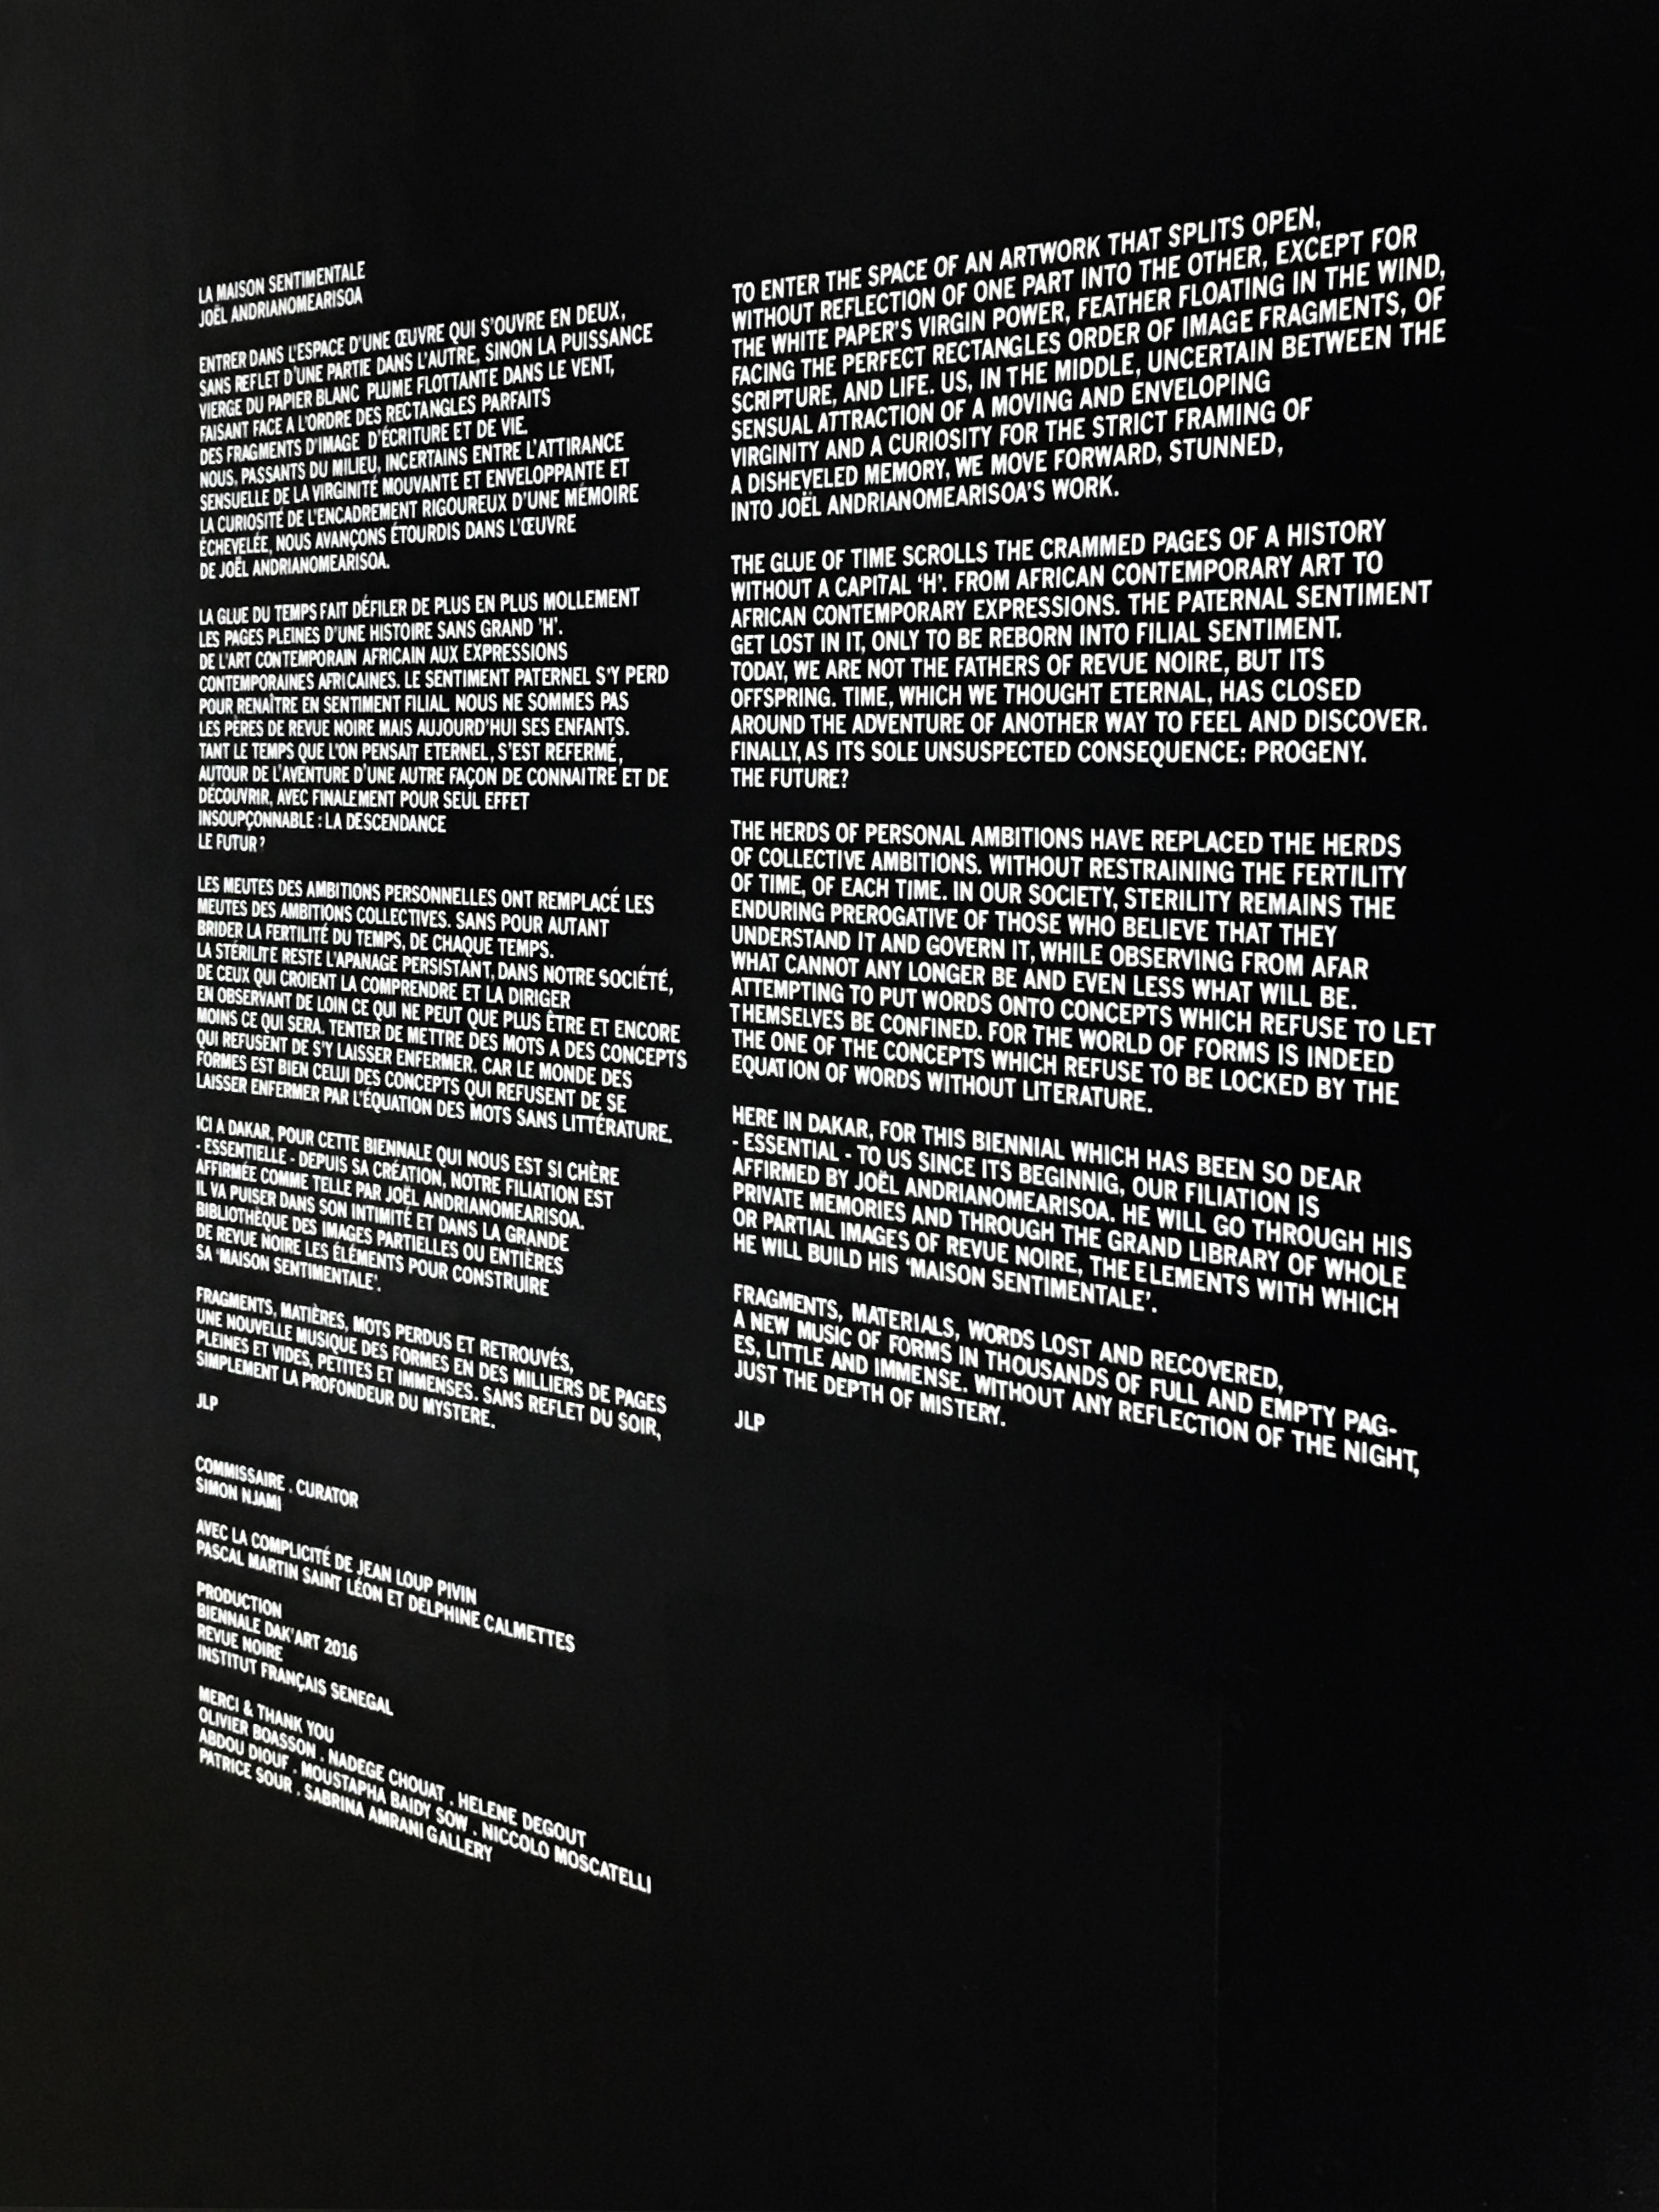 Introduction à l'installation 'La Maison Sentimentale' de Joël Andrianomearisoa, Biennale de Dakar 2016